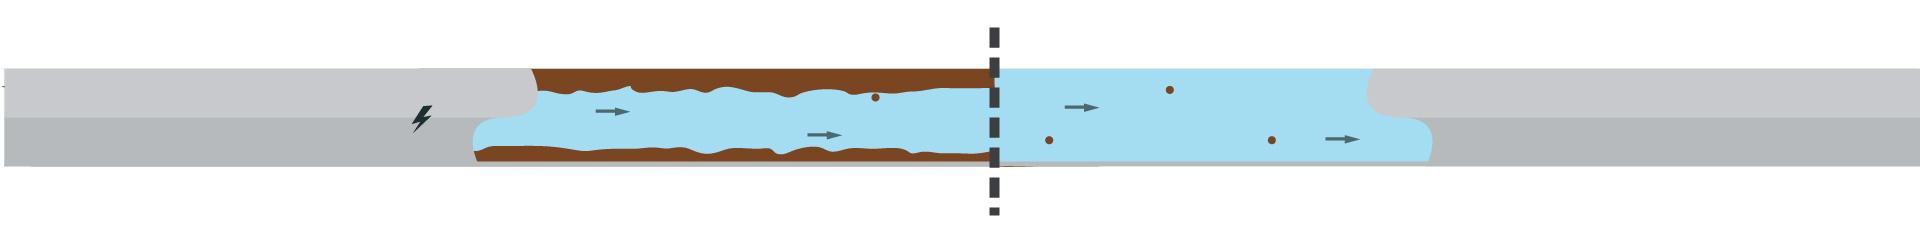 tubazione-calcare-xcal-renoxa-80